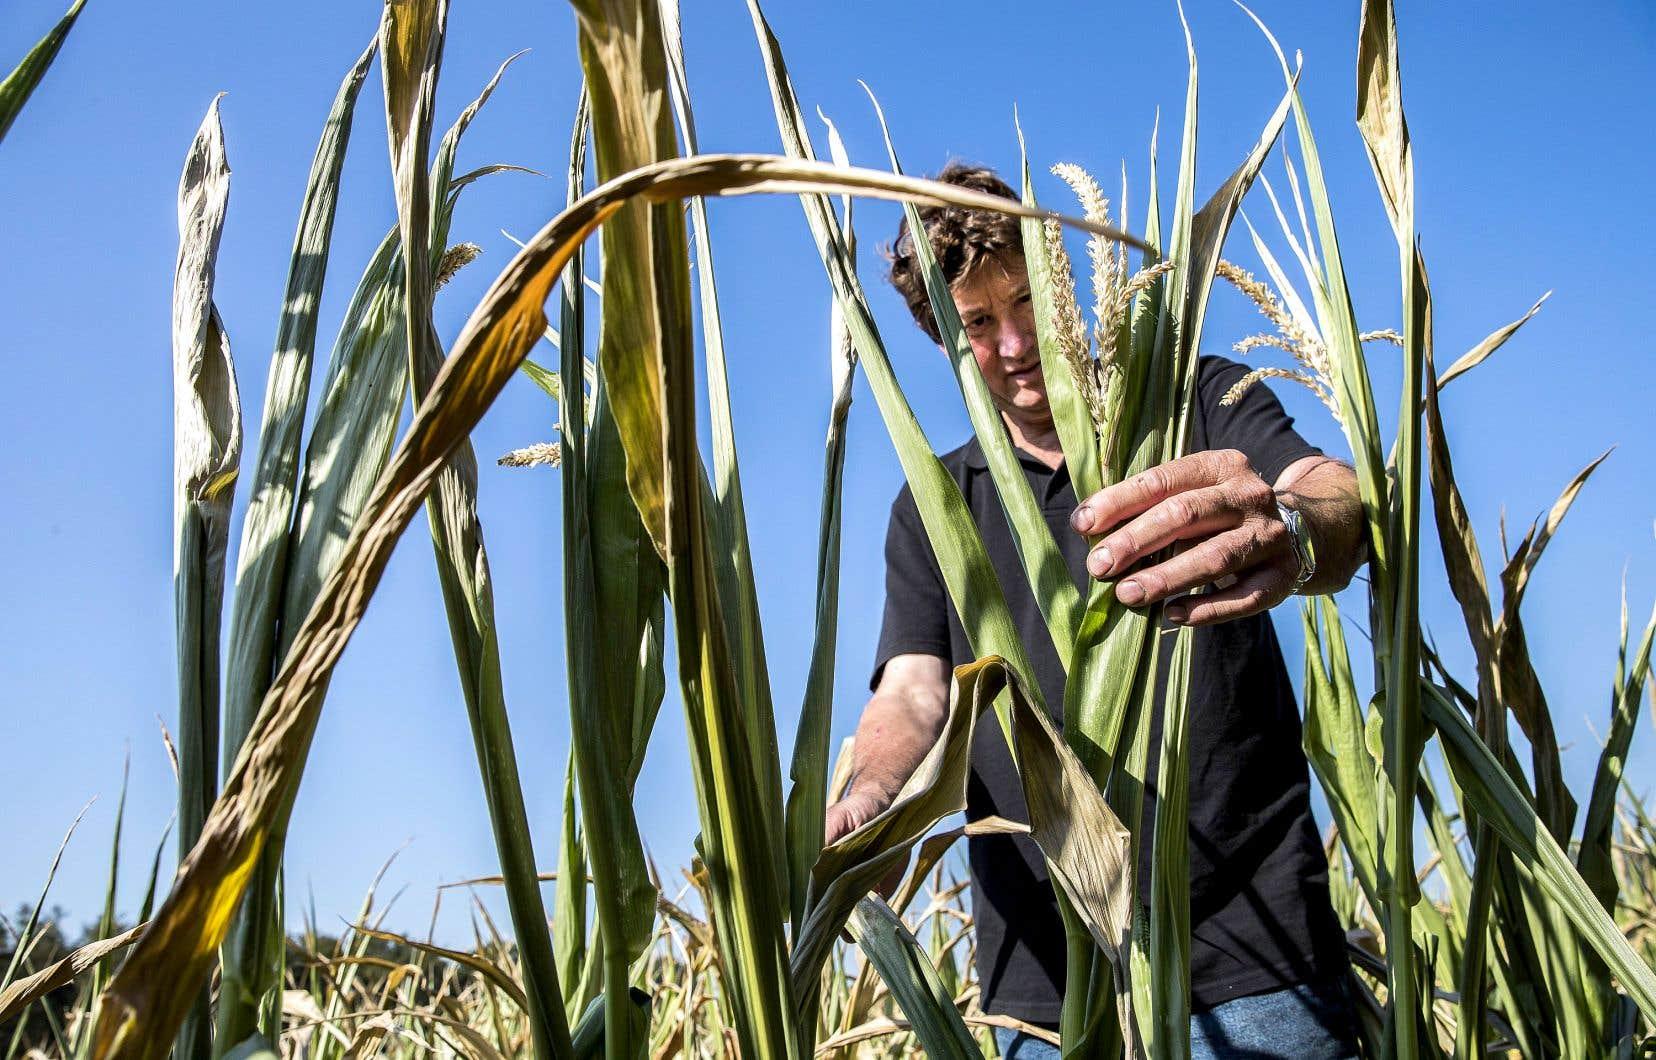 Les champs de blé de Bert Sloetjes, aux Pays-Bas, ont souffert de la sécheresse en juillet. Des températures record de 40,4°C ont frappé le sud de ce pays le mois dernier.